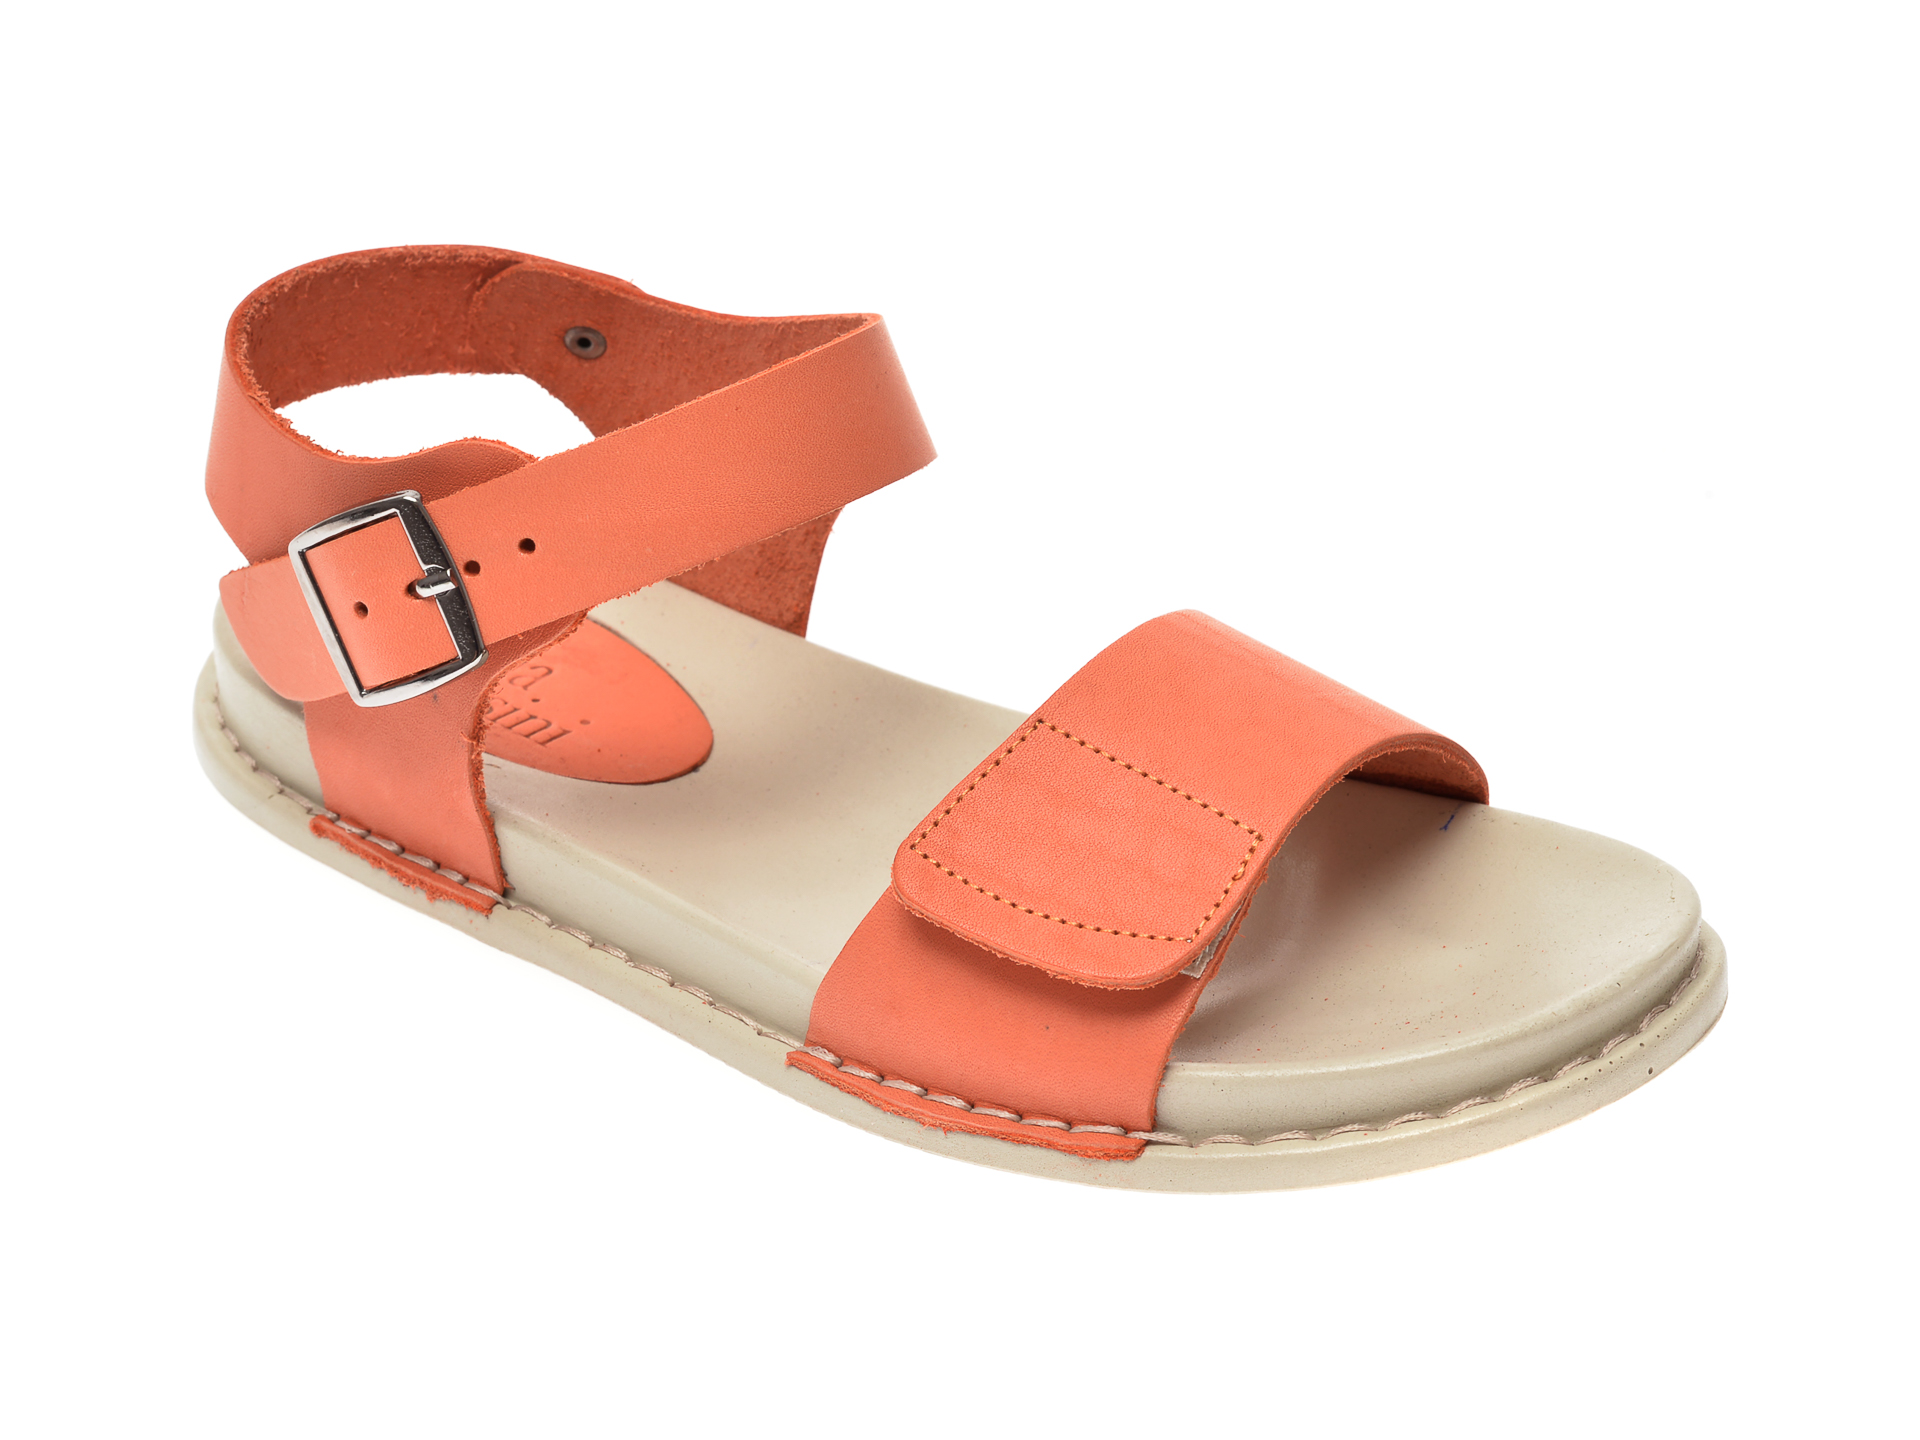 Sandale FLAVIA PASSINI portocalii, 1306, din piele naturala